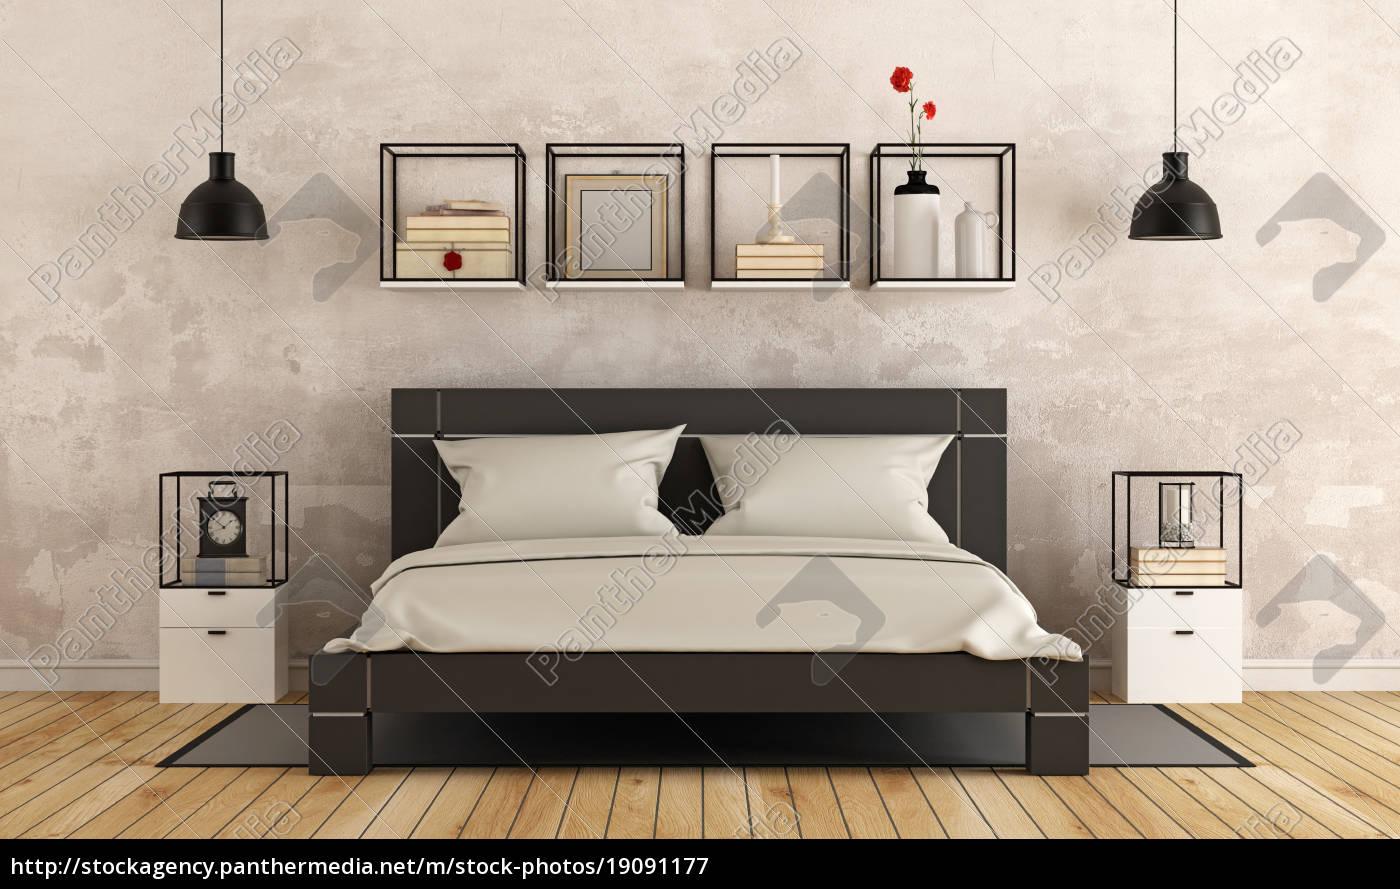 modernes schlafzimmer mit alten mauer - Lizenzfreies Bild ...